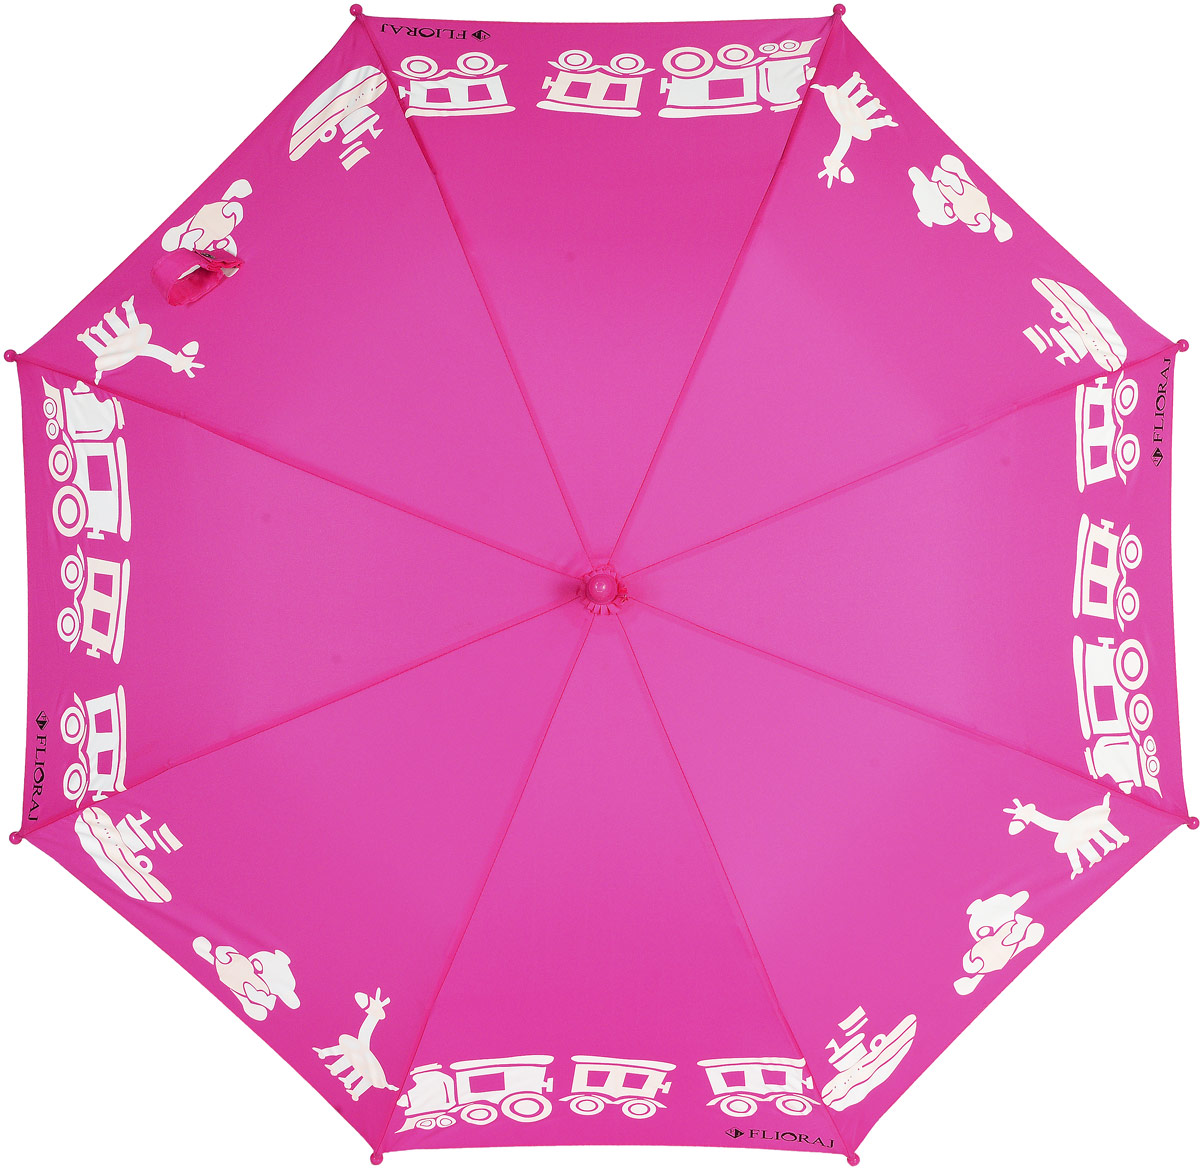 Зонт детский Flioraj, цвет: фуксия. 051210Брошь-кулонОригинальный и яркий детский зонт от Flioraj станет замечательным подарком для вашего ребенка.Изделие имеет механический способ сложения: и купол, и стержень открываются и закрываются вручную до характерного щелчка. Зонт состоит из восьми пластиковых спиц и стержня, изготовленного из металла. Яркий купол выполнен из качественного полиэстера, который не пропускает воду, и оформлен принтом в виде игрушек. Ручка выполнена из пластика и дополнена подвеской-свистком. Оригинальный дизайн зонта поднимет настроение не только вам, но и окружающим.